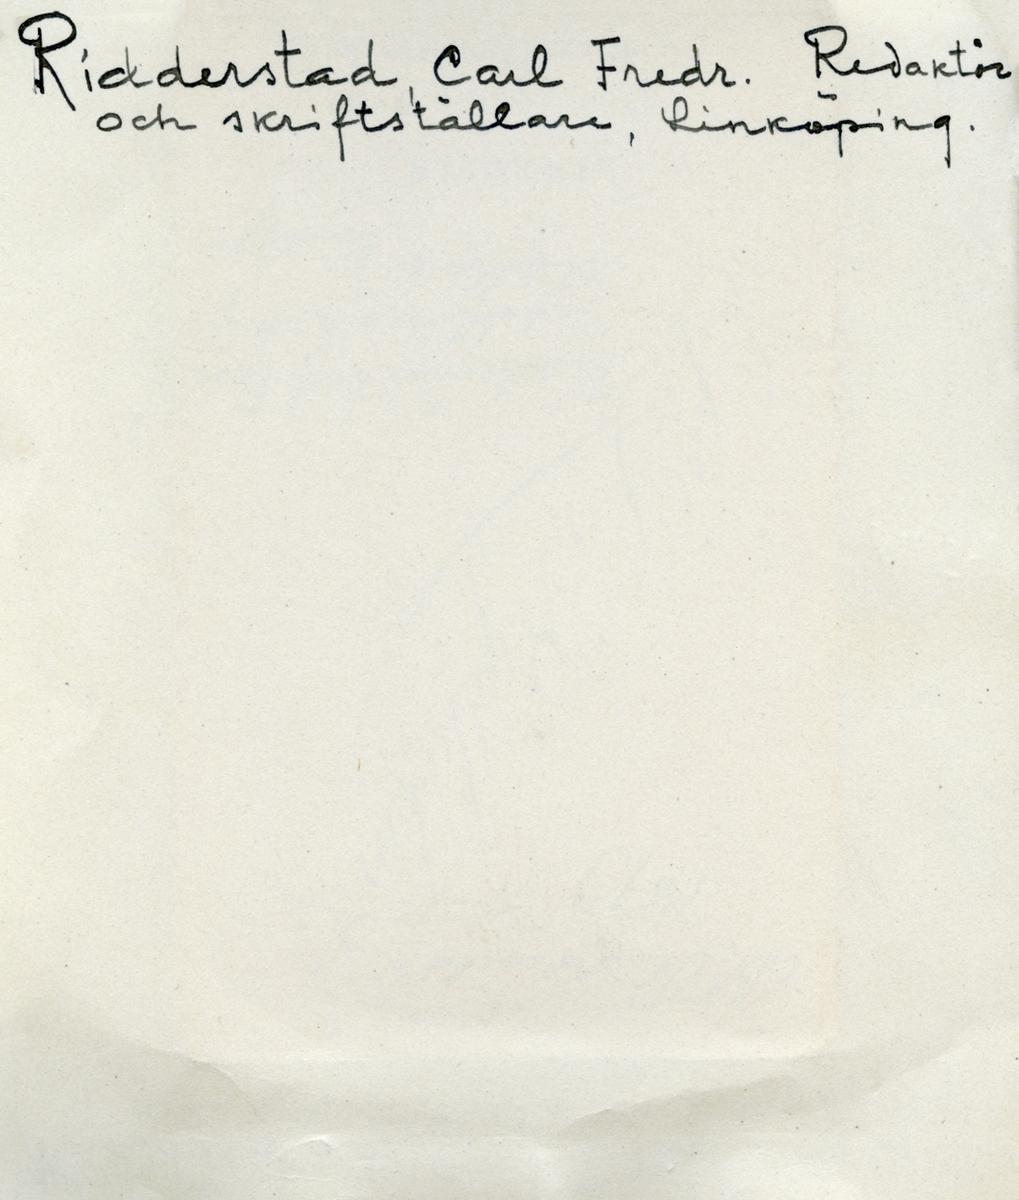 Porträtt av redaktören, författaren och riksdagspolitikern Carl Fredrik Ridderstad. Född 1807 vid Riddersholms herrgård på Rådsmansö i Norrtälje kommun och son till Carl Fredrik Ridderstad och Märta Charlotta Hedvig Wallenstråle. Främst ihågkommen som medutgivare av Östgöta Correspondenten i Linköping jämte tidningens grundare Henrik Bernhard Palmær. Han övertog positionen som ensam redaktör för tidningen 1842 och var fortsatt verksam till 1886. Ridderstad var även ledamot av riksdagens andra kammare under en tid. Som romanförfattare vann Ridderstad mycket popularitet med kända verk såsom Svarta handen (1847) med Axel von Fersen som hjälte och Drabanten (1850) samt Fursten (1852) som båda handlar om Gustav III:s död. Gift första gången med Sara Maria Hagtorn 1836. Efter hennes död 1844 gifte Ridderstad om sig med Emilia Amalia Widoff med vilken han fick sonen Anton Ridderstad (1848-1933), grundaren av Östergötlands museum. Carl Fredrik Ridderstad dog i augusti månad 1886.